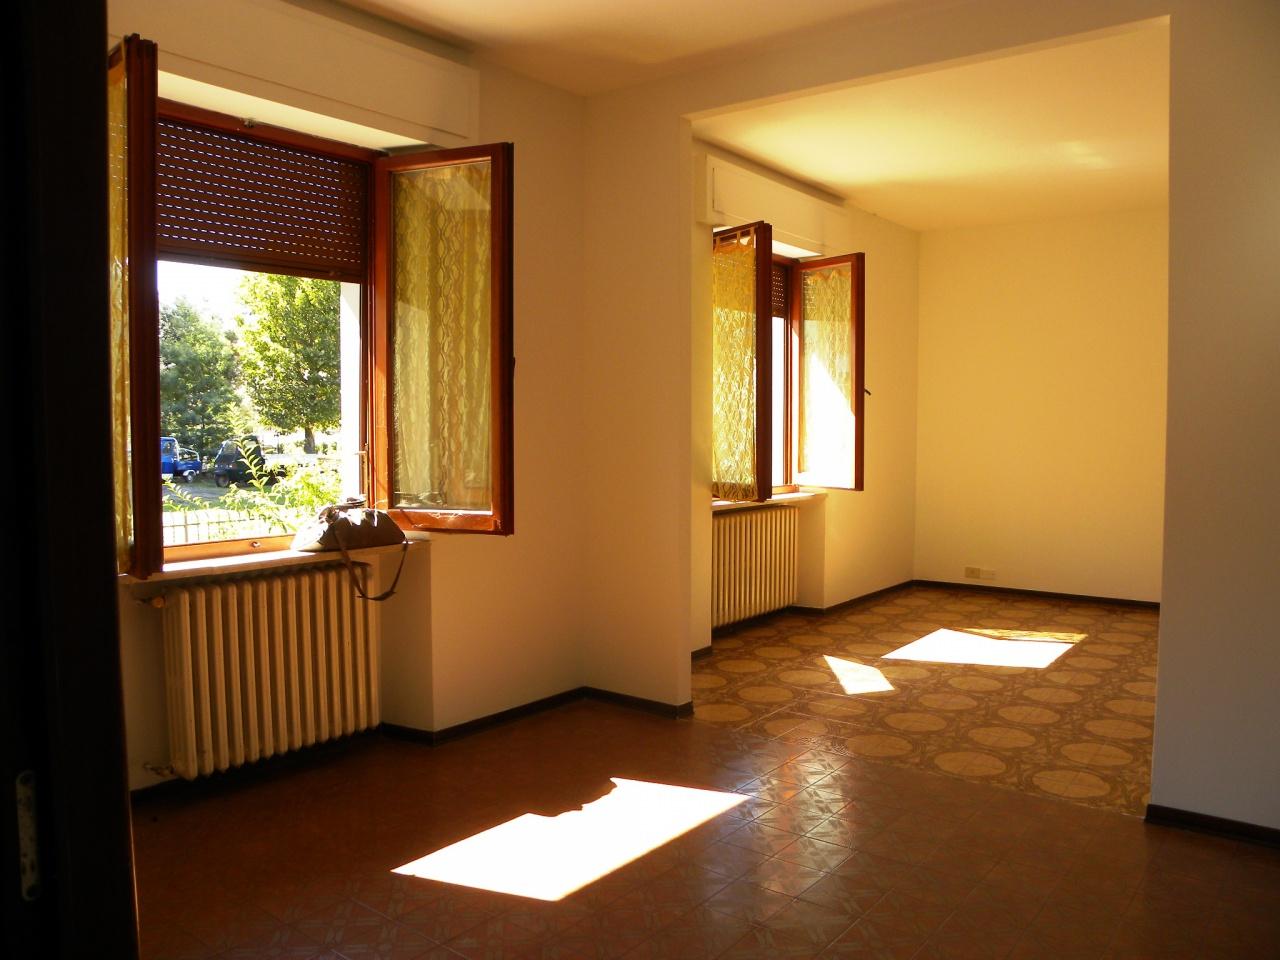 Appartamento in vendita a Subbiano, 6 locali, prezzo € 165.000 | CambioCasa.it